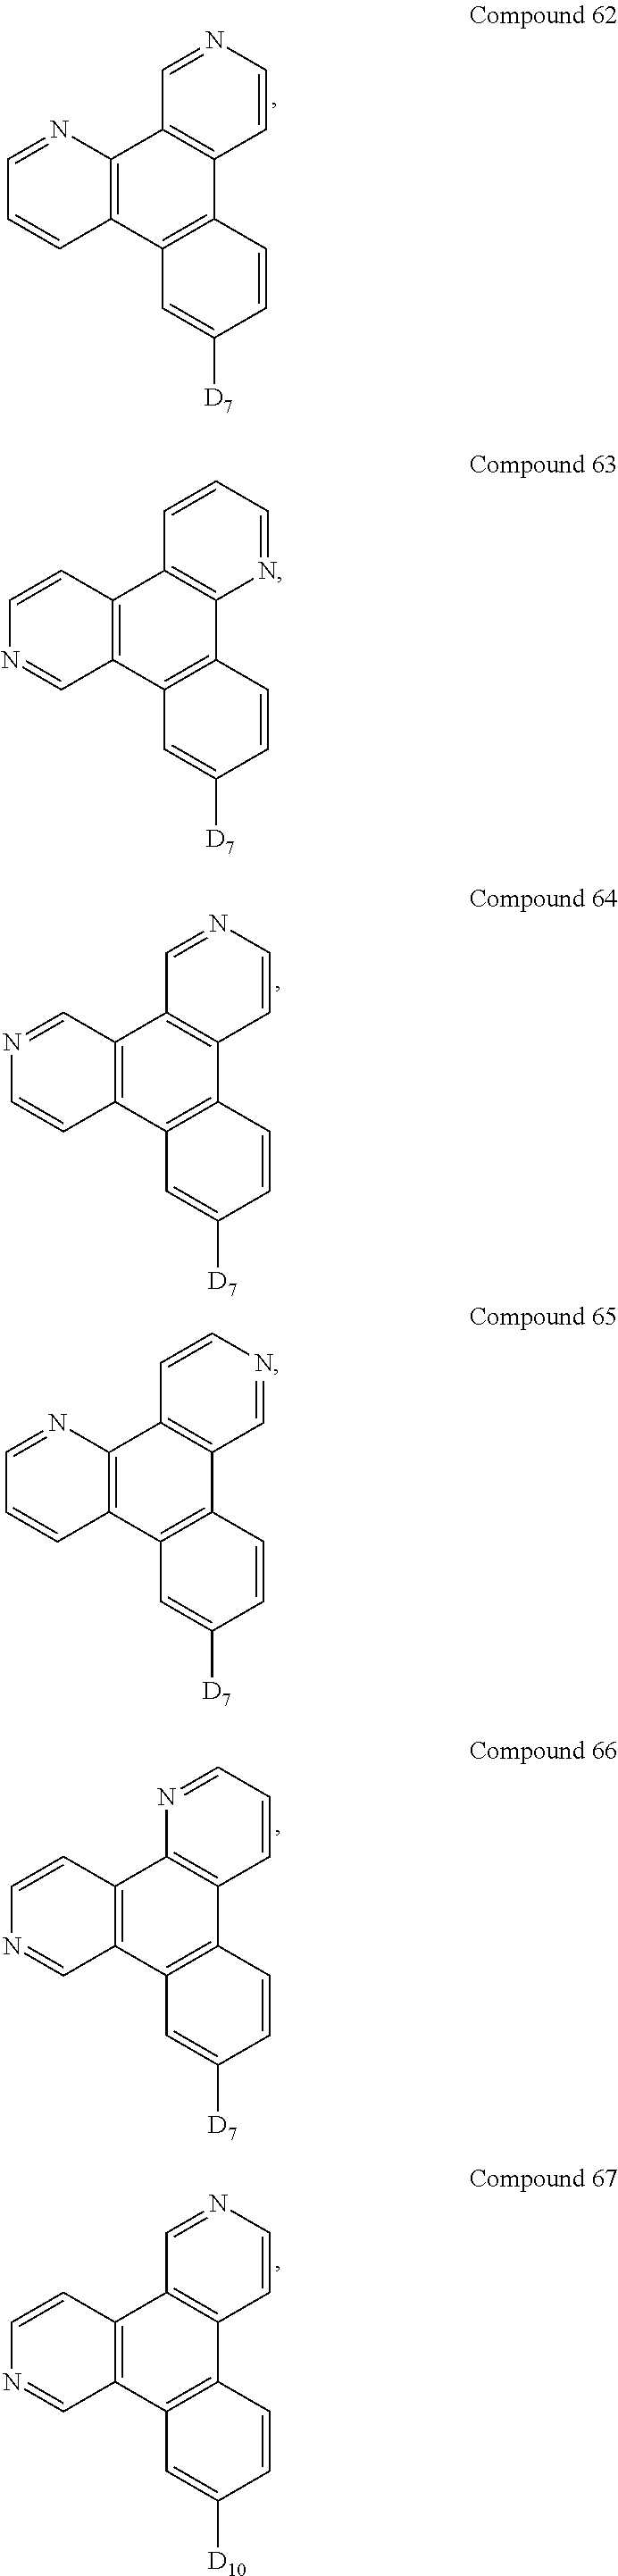 Figure US09537106-20170103-C00598